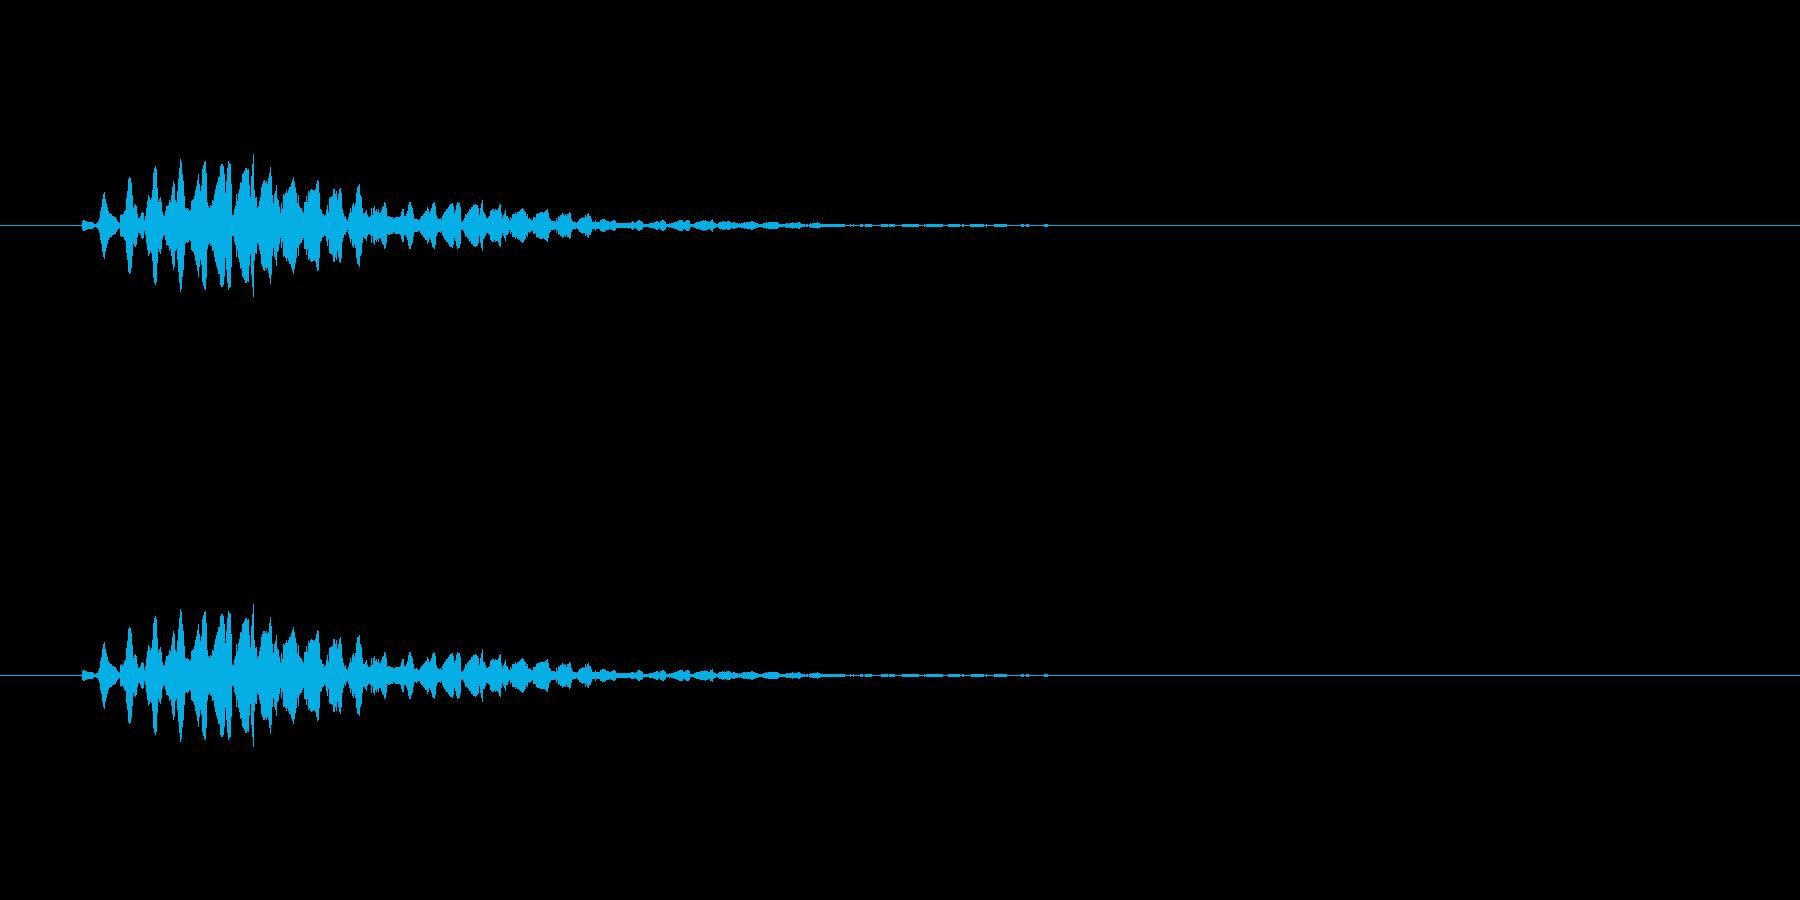 【ショートブリッジ12-5】の再生済みの波形